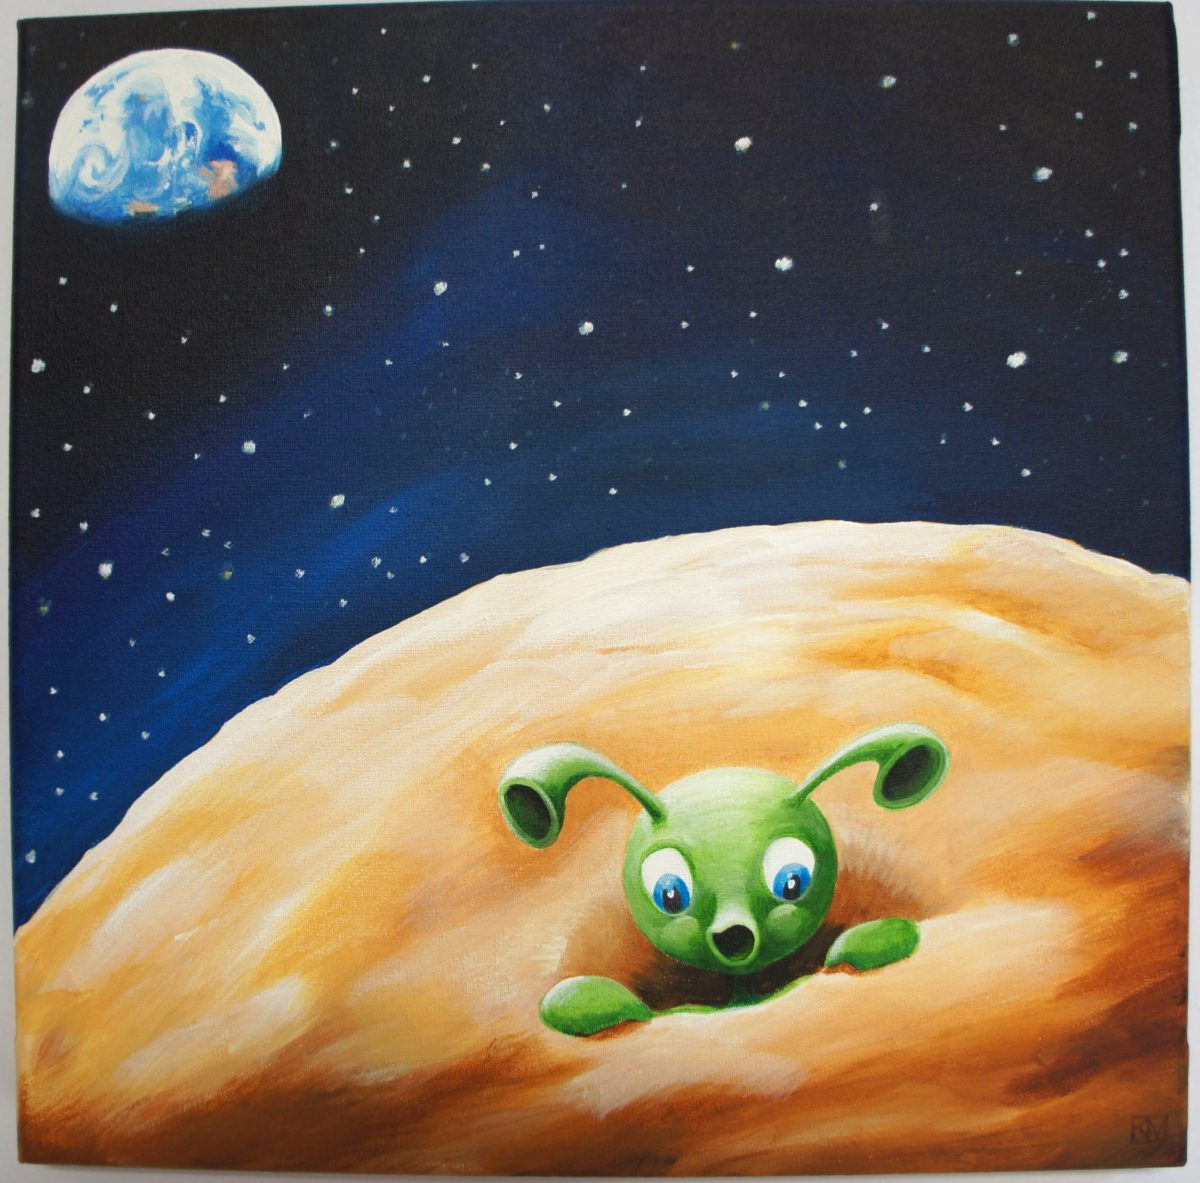 Het mannetje op de maan, geïnspireerd door een gedicht van Geert Delanghe